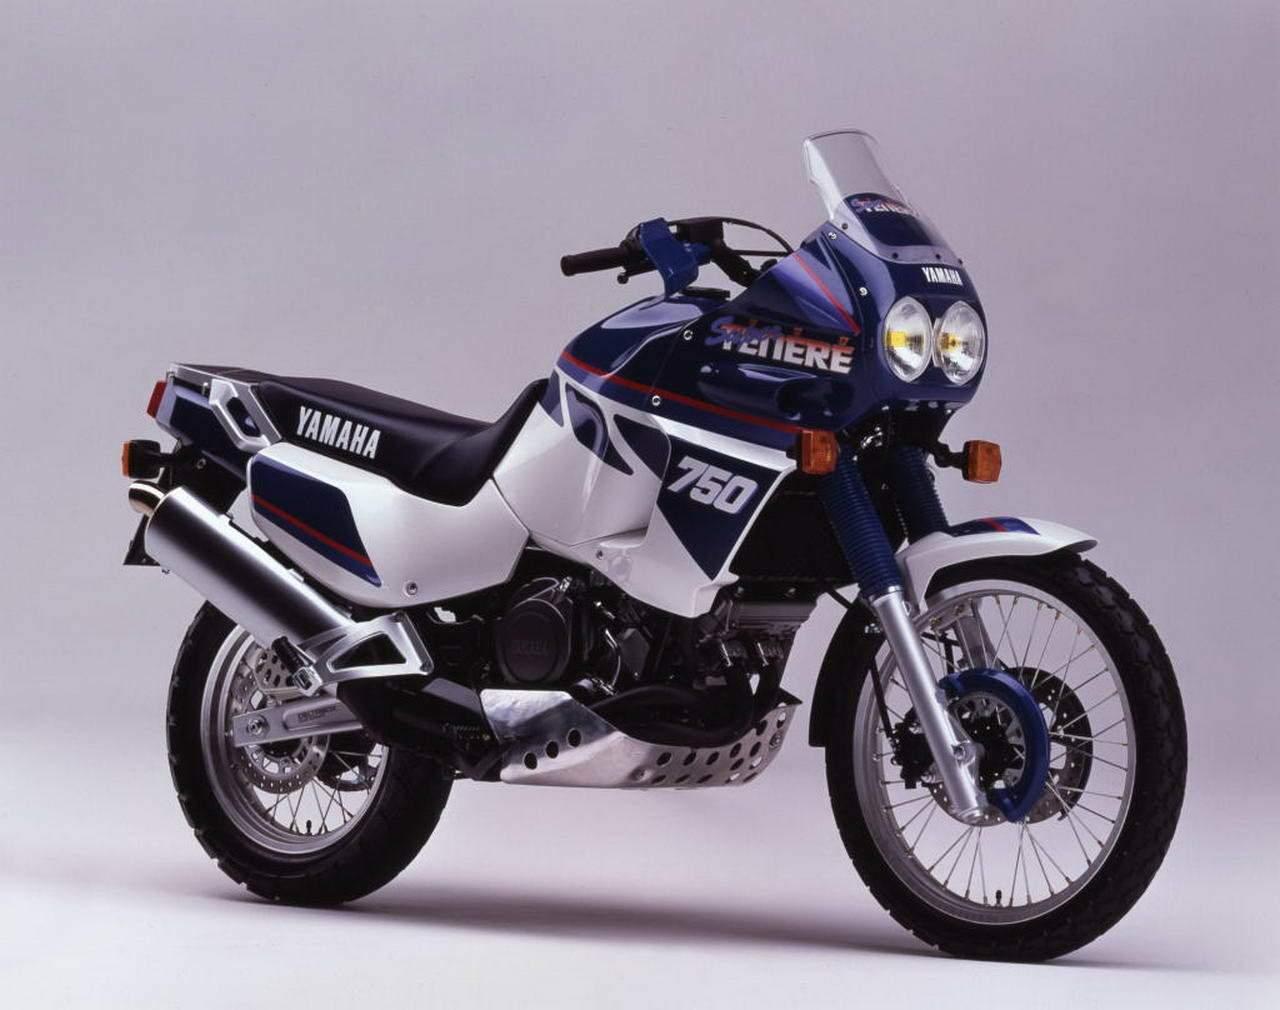 Yamaha Super Tenere Specs